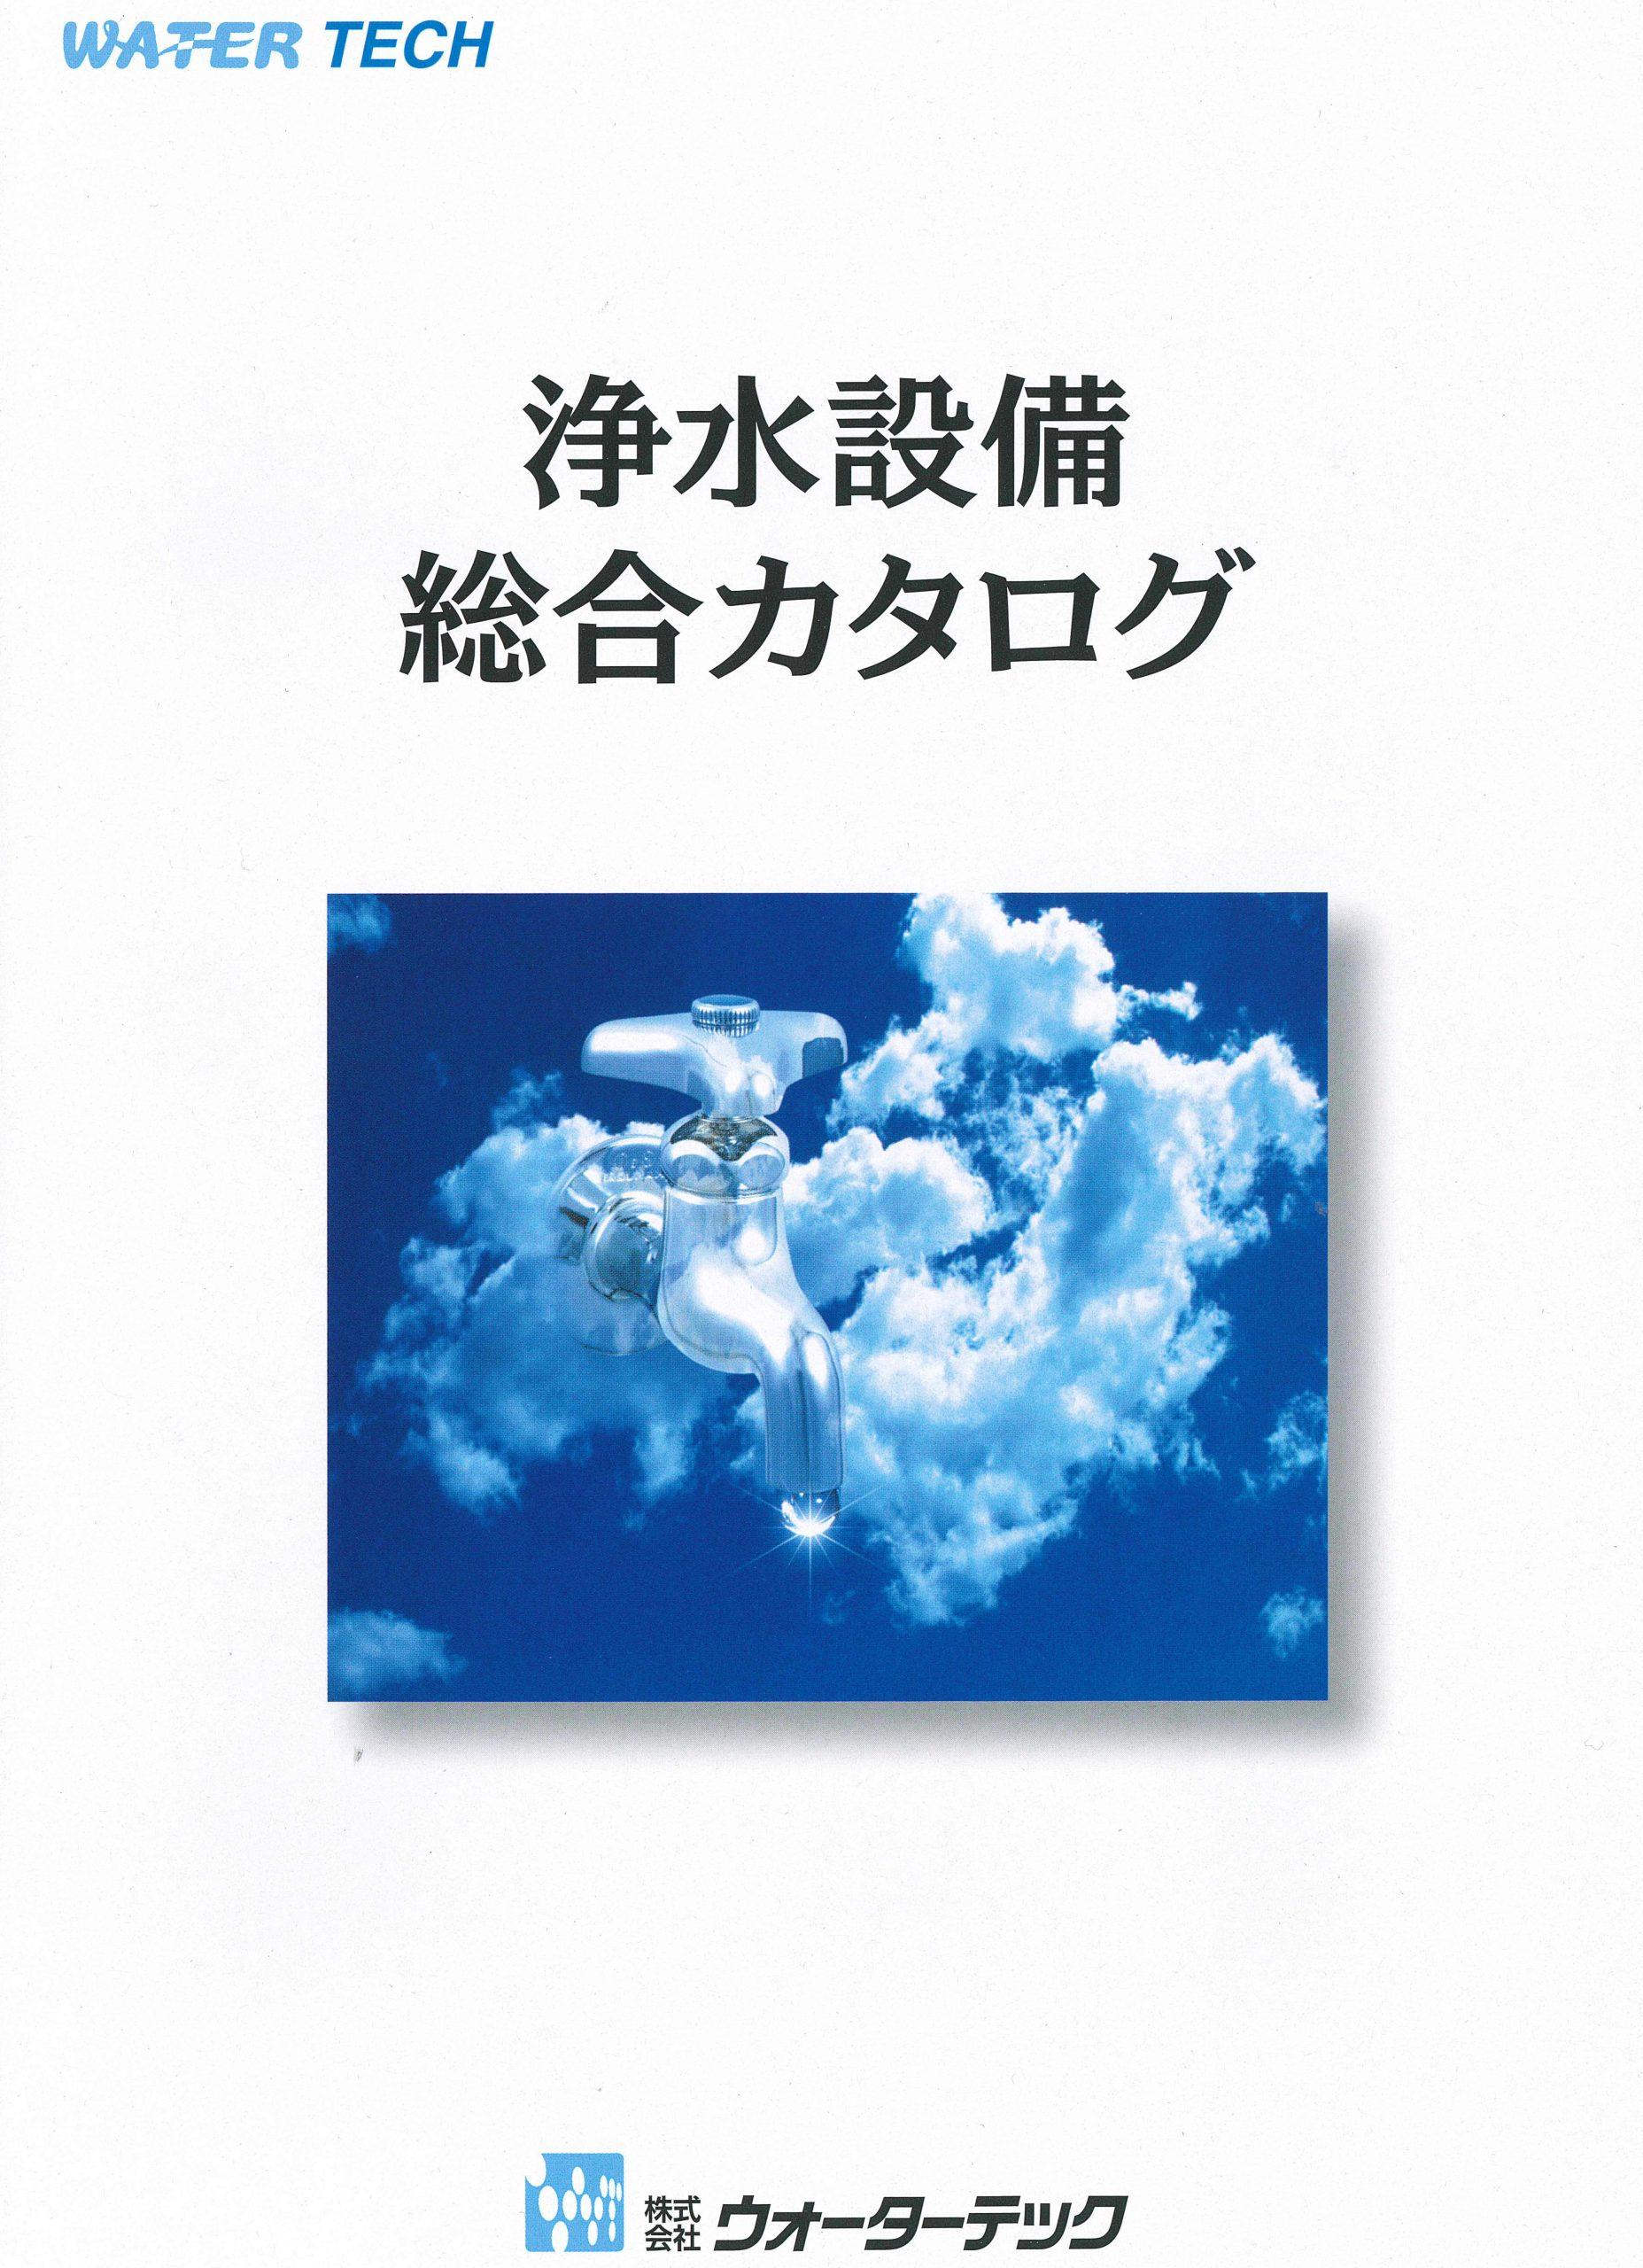 浄水設備総合カタログ